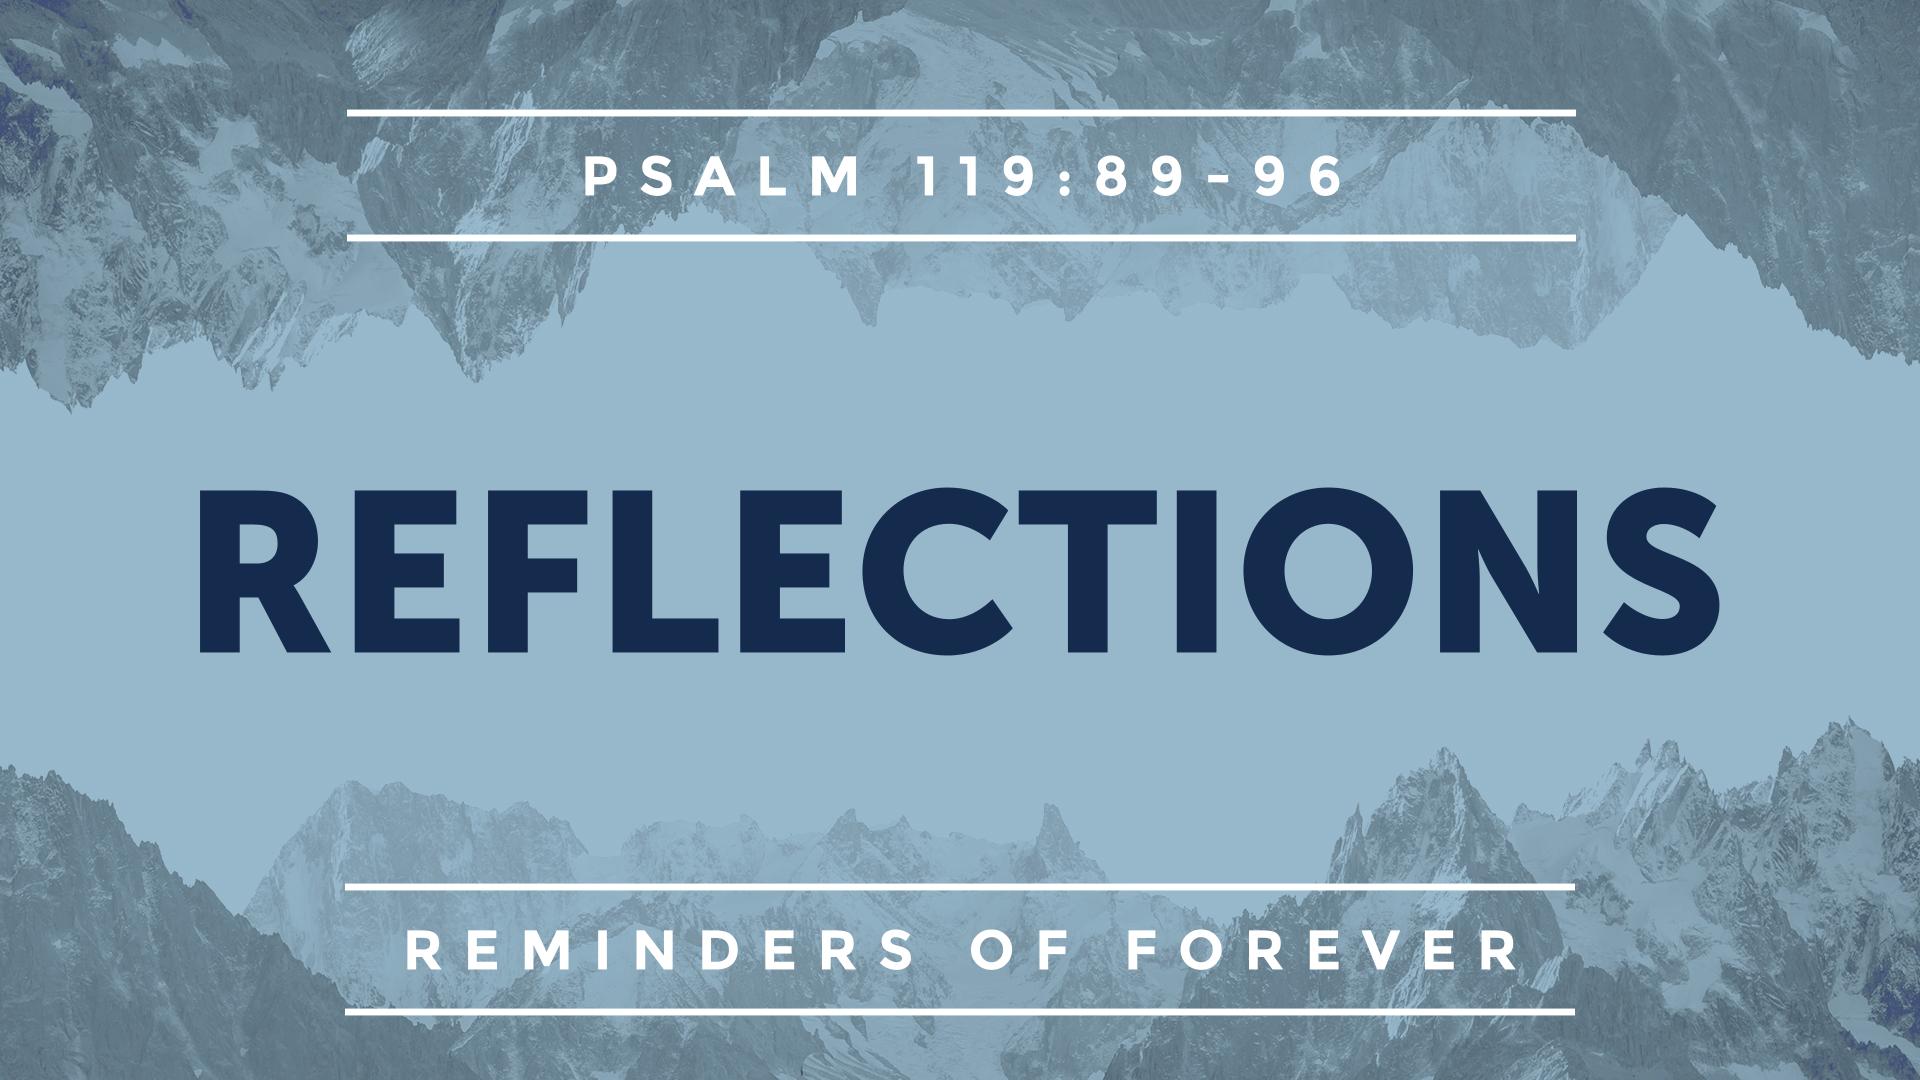 Reminders of Forever - Faithlife Sermons